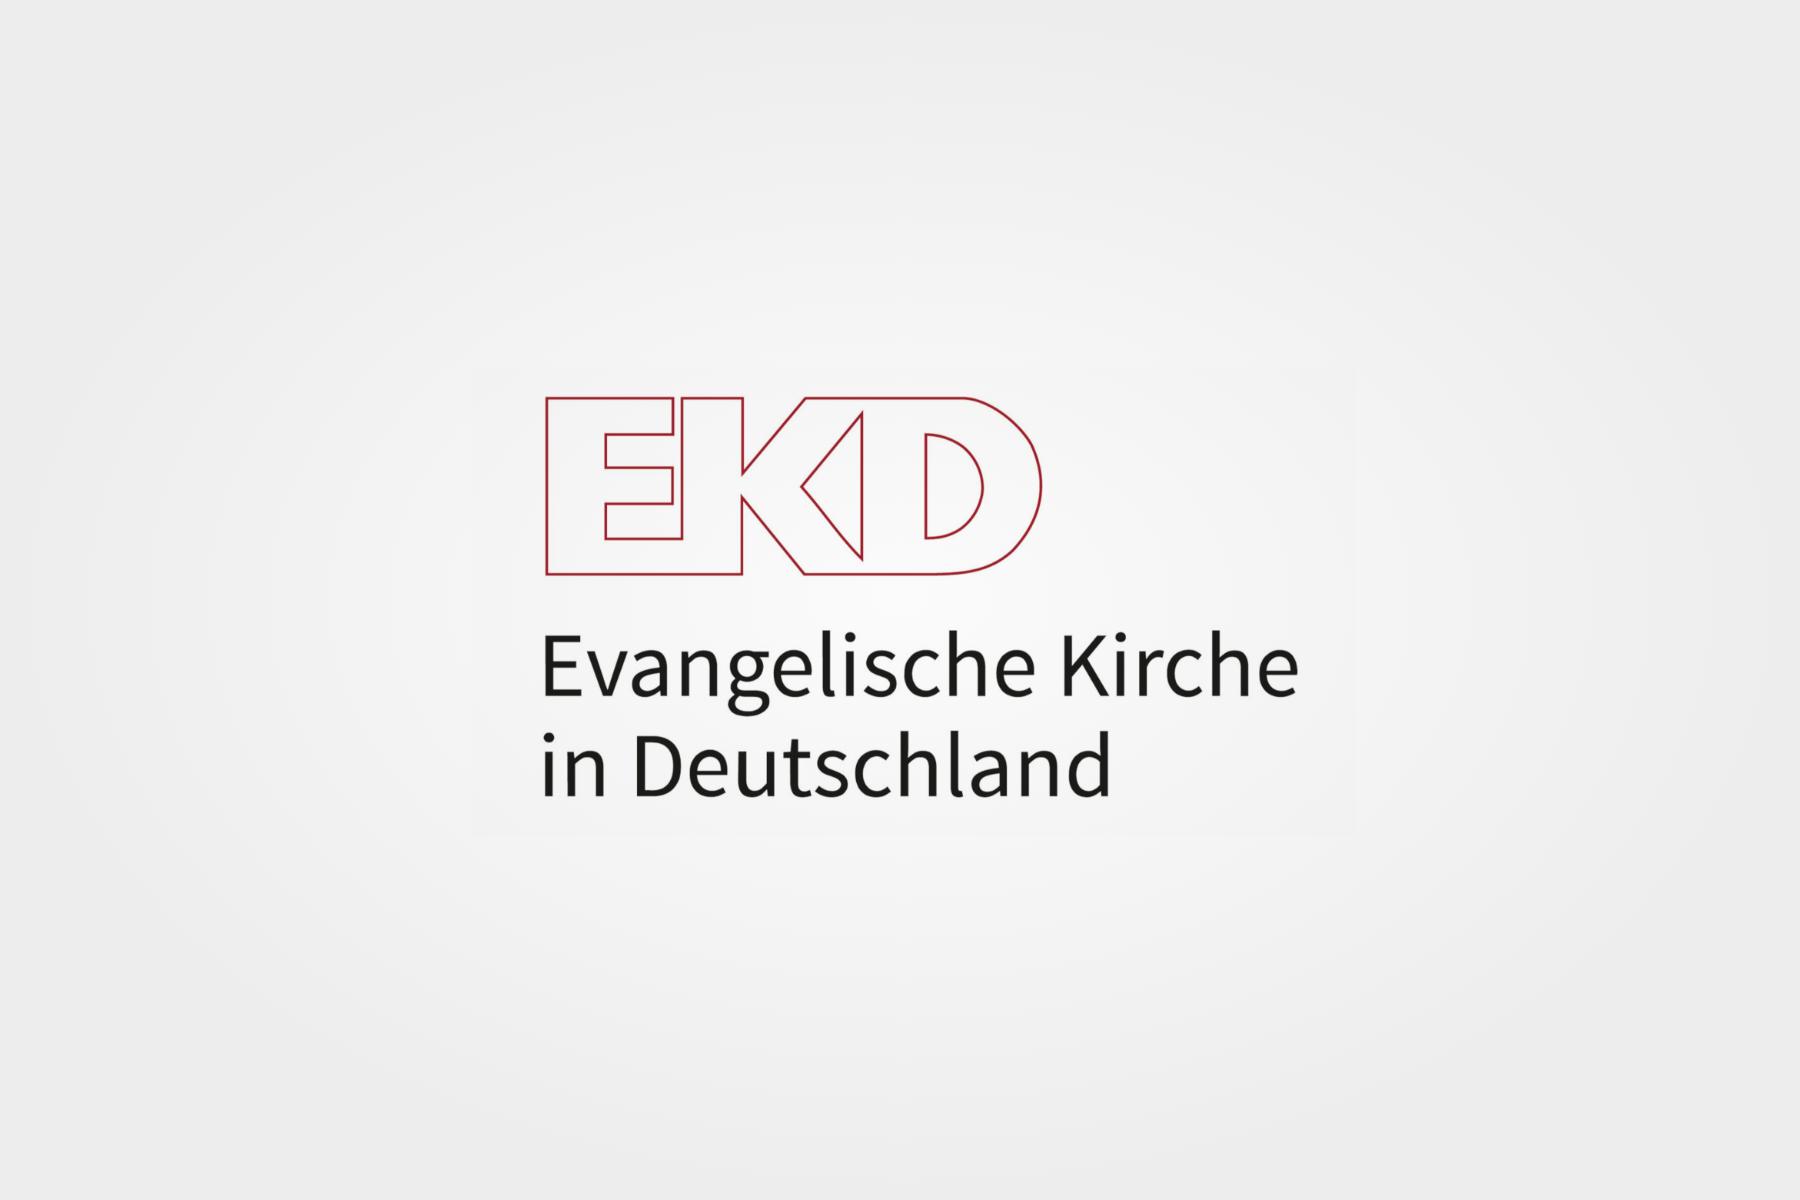 Evangelischen Kirche in Deutschland